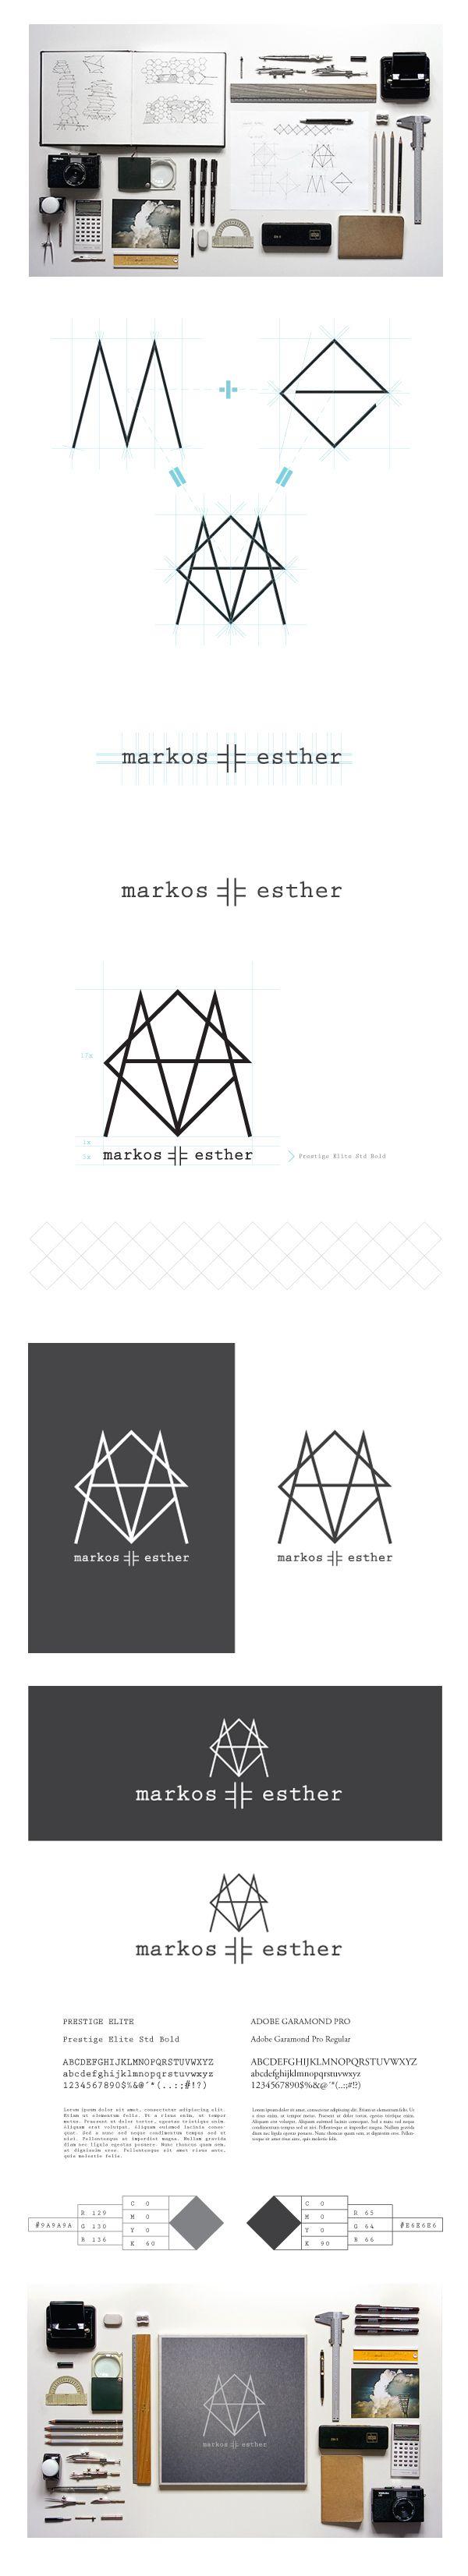 Markos-Esther - Design Studio by markos-esther , via Behance